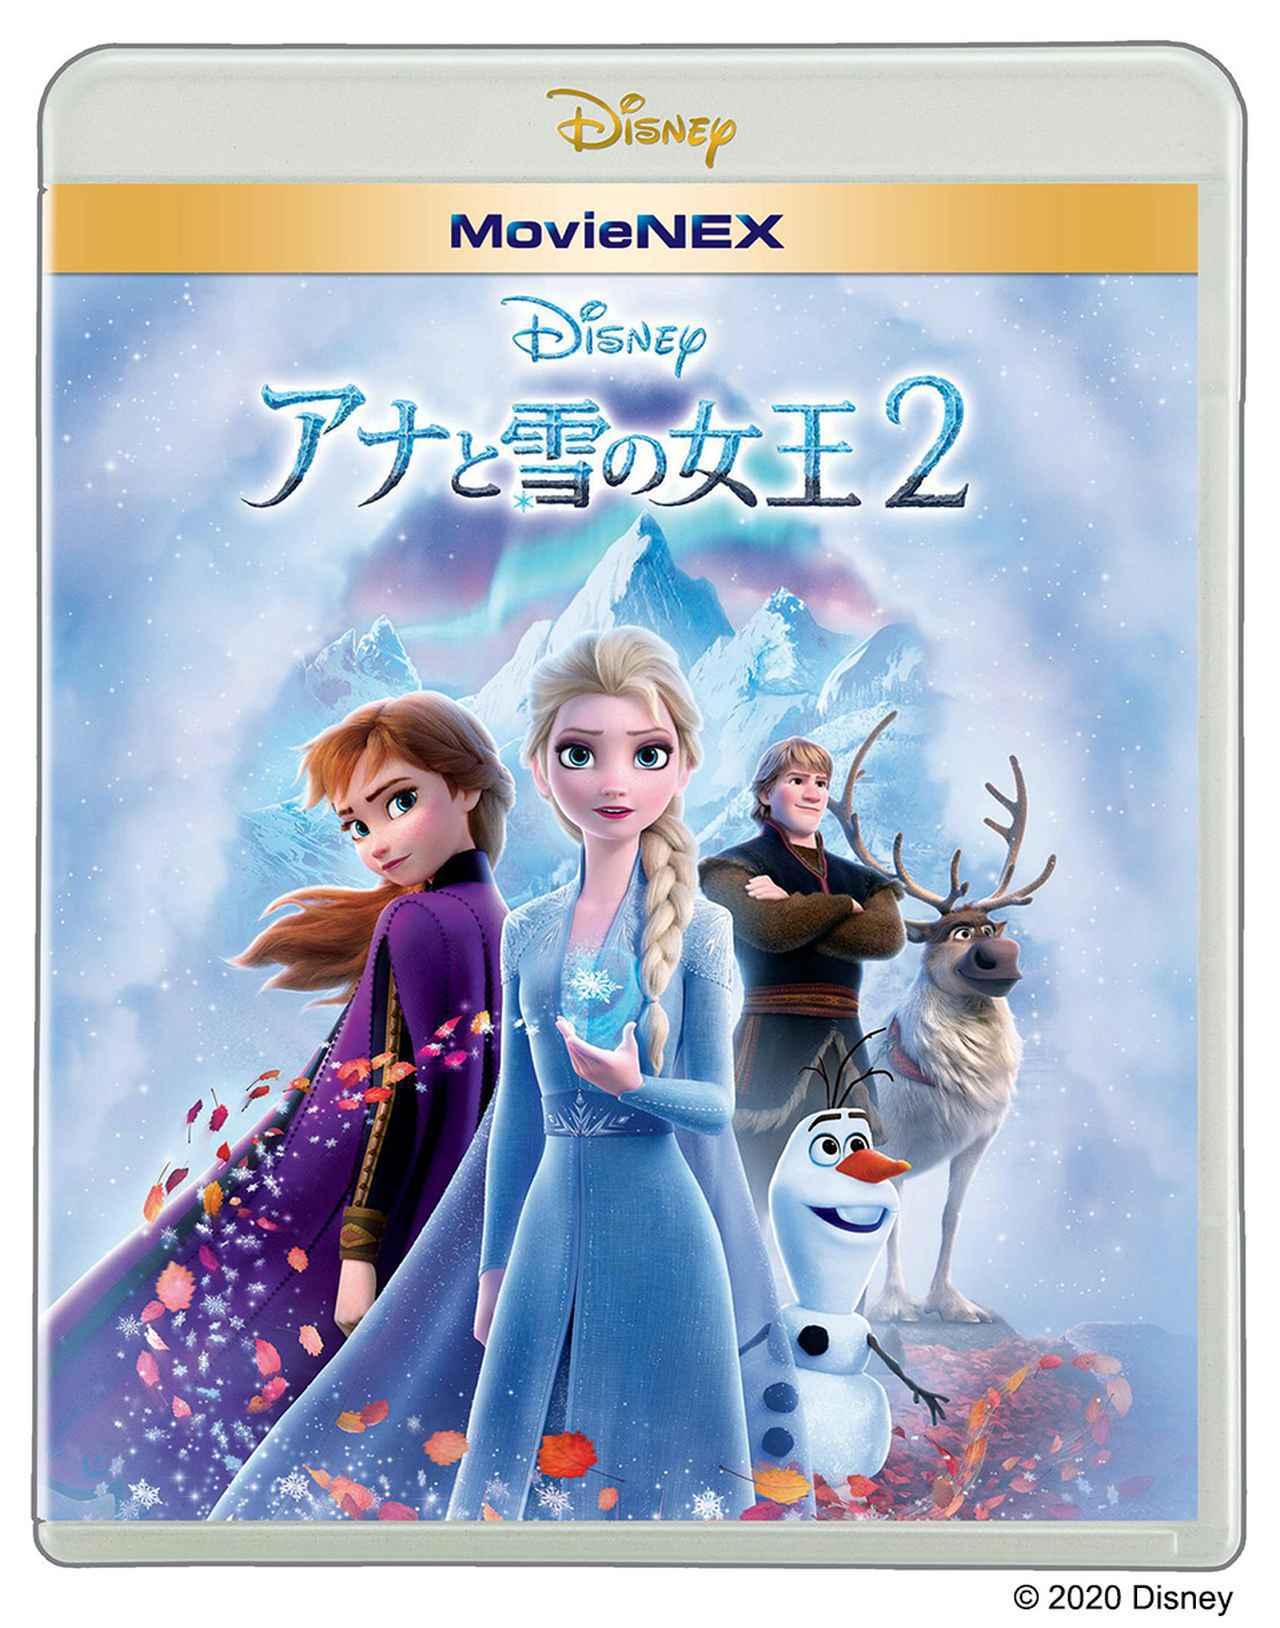 画像: 『アナと雪の女王2 MovieNEX』